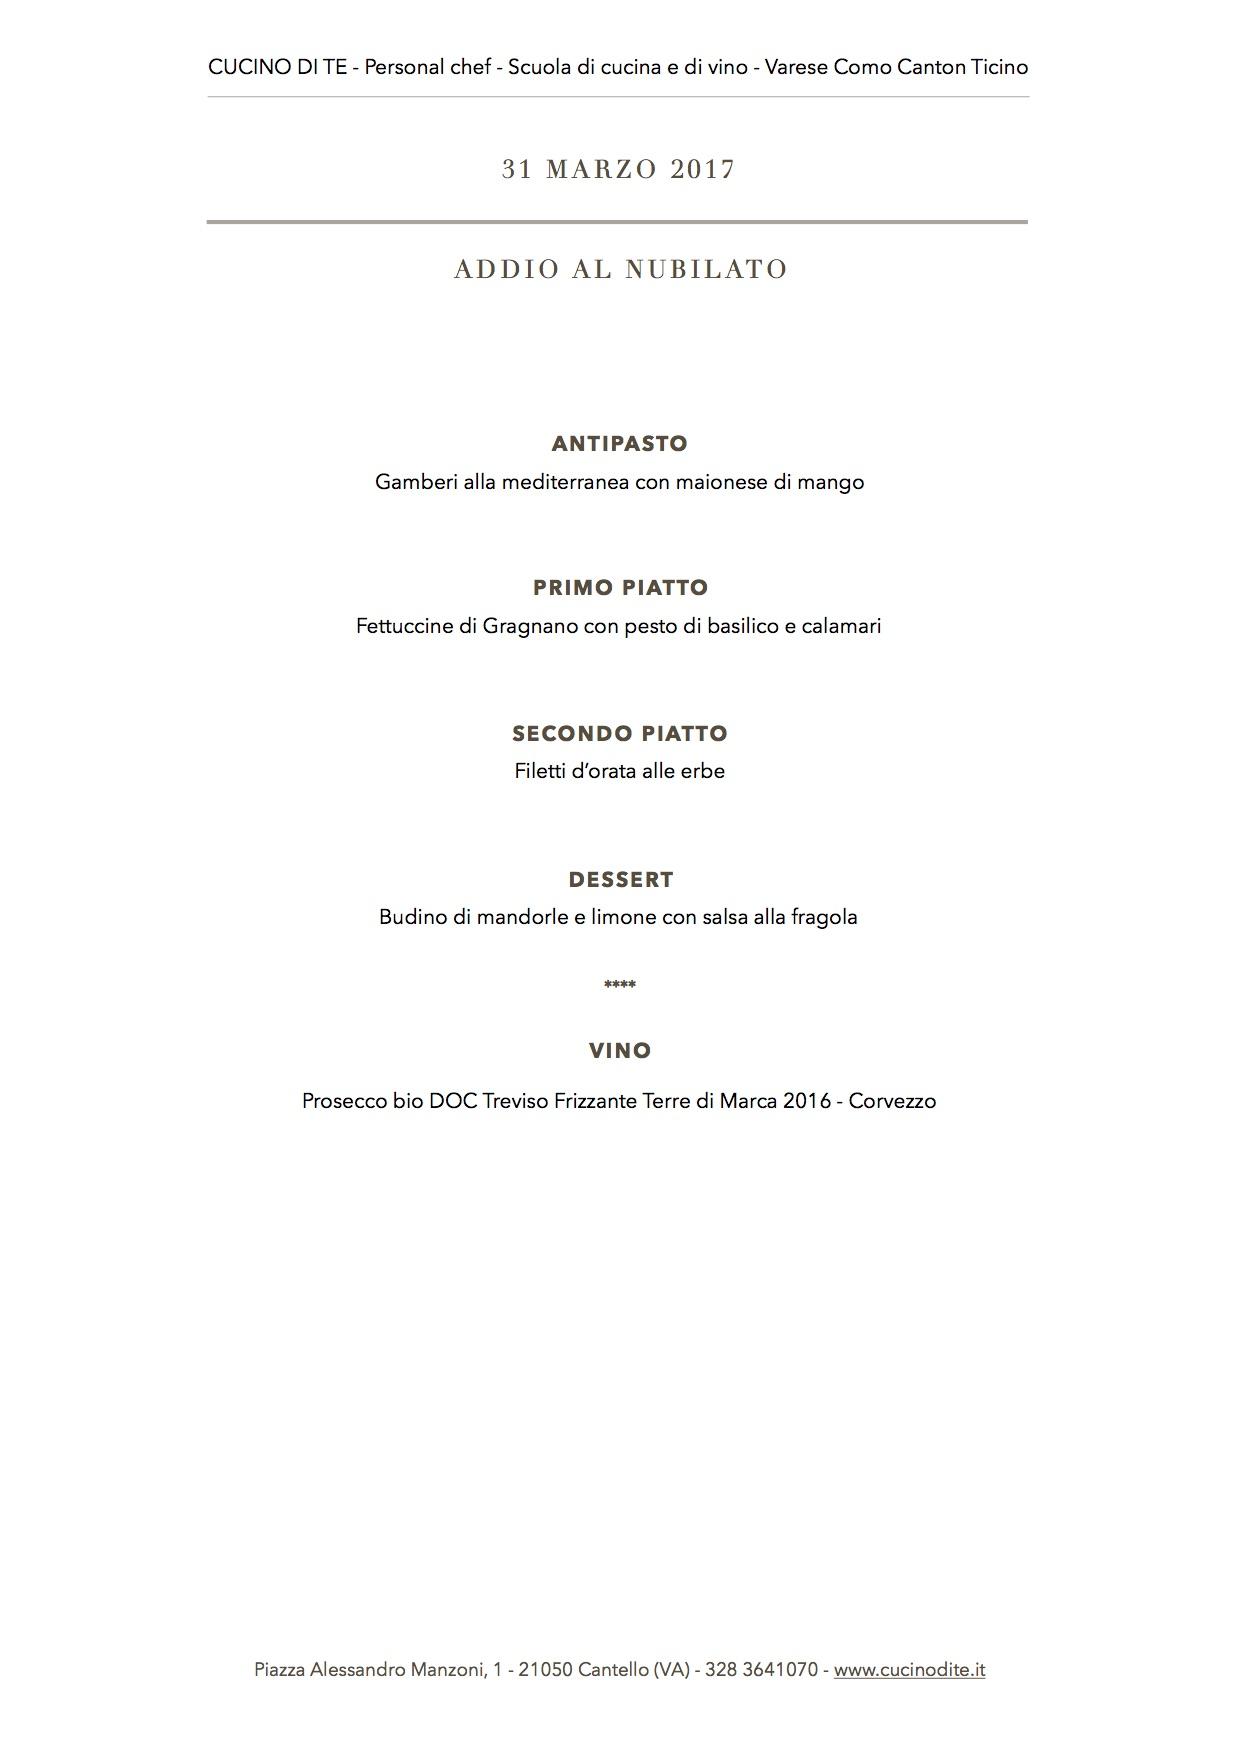 cucino di te - menù del 31 marzo 2017